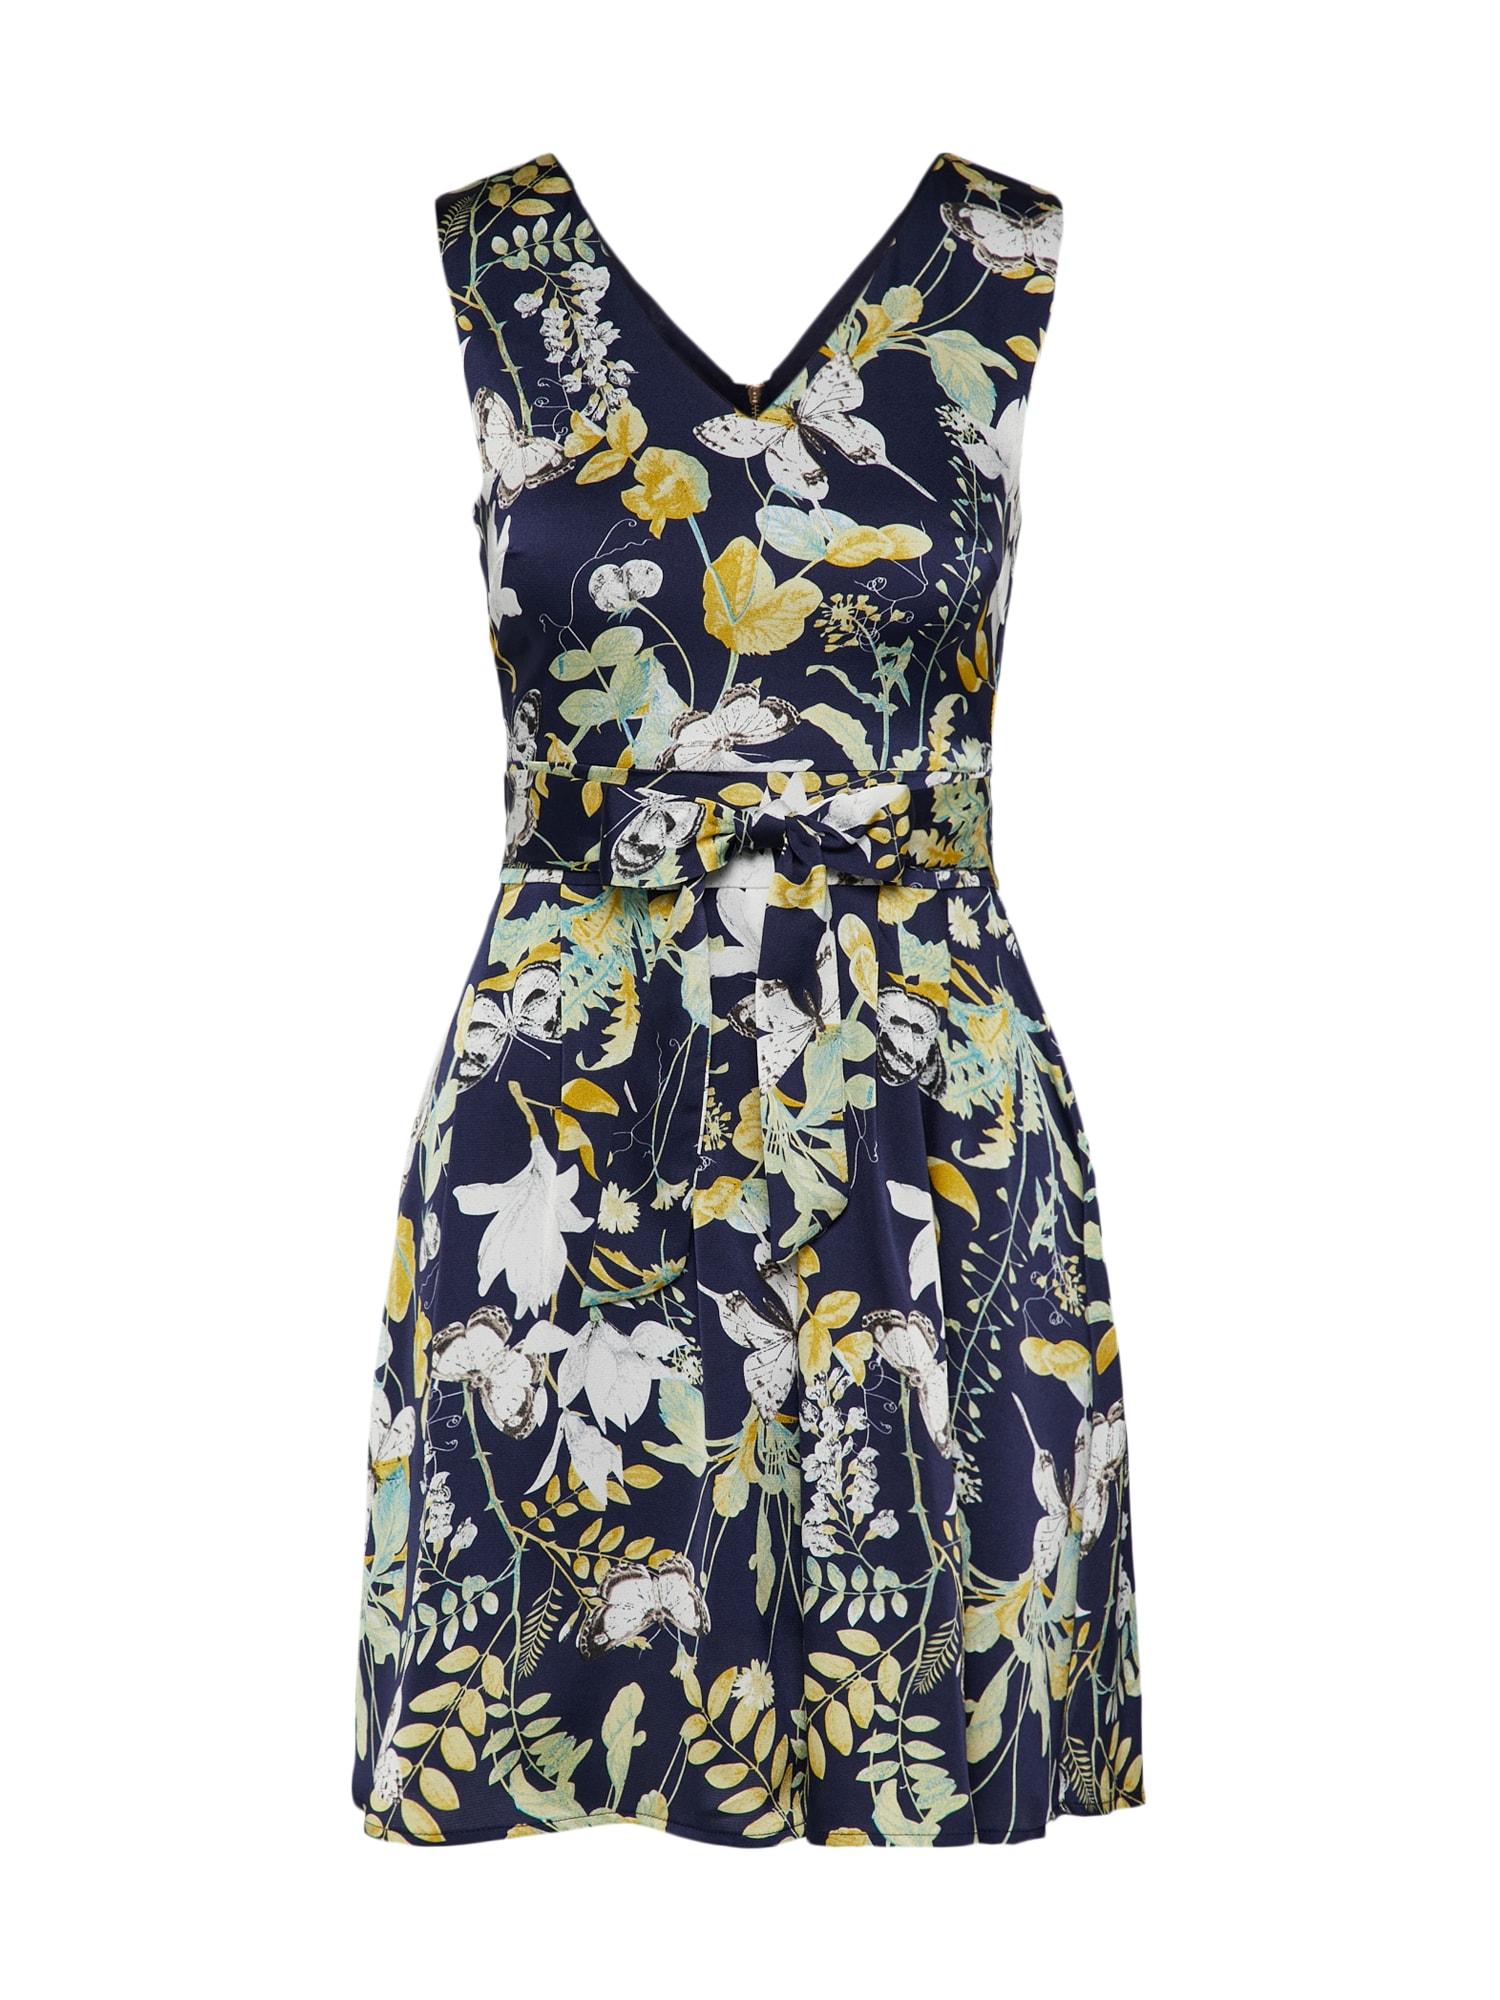 Letní šaty GARDEN PRINT námořnická modř žlutá bílá Mela London